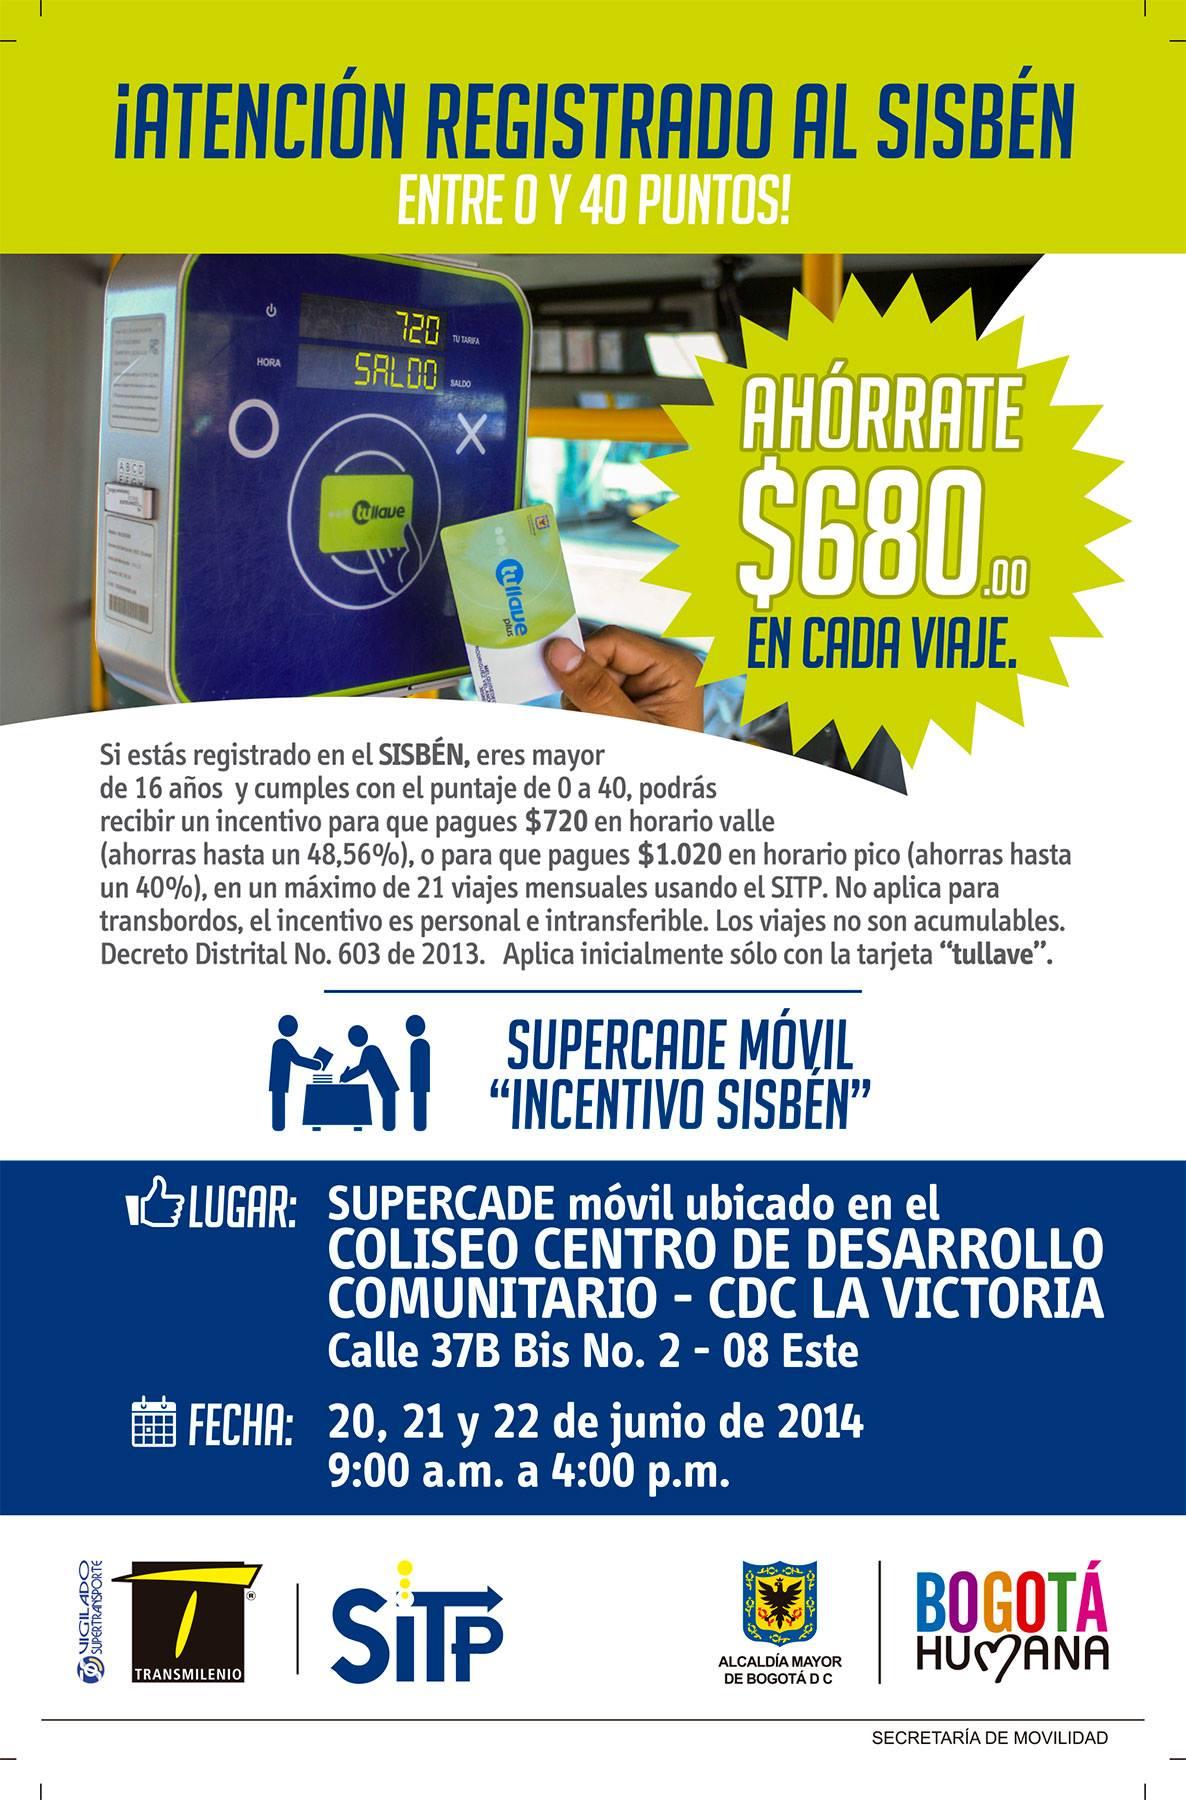 Llega el SUPERCADE móvil al barrio La Victoria, en la localidad de San Cristóbal, donde los usuarios con Sisbén entre 0 y 40 puntos podrán solicitar el incentivo para el SITP.